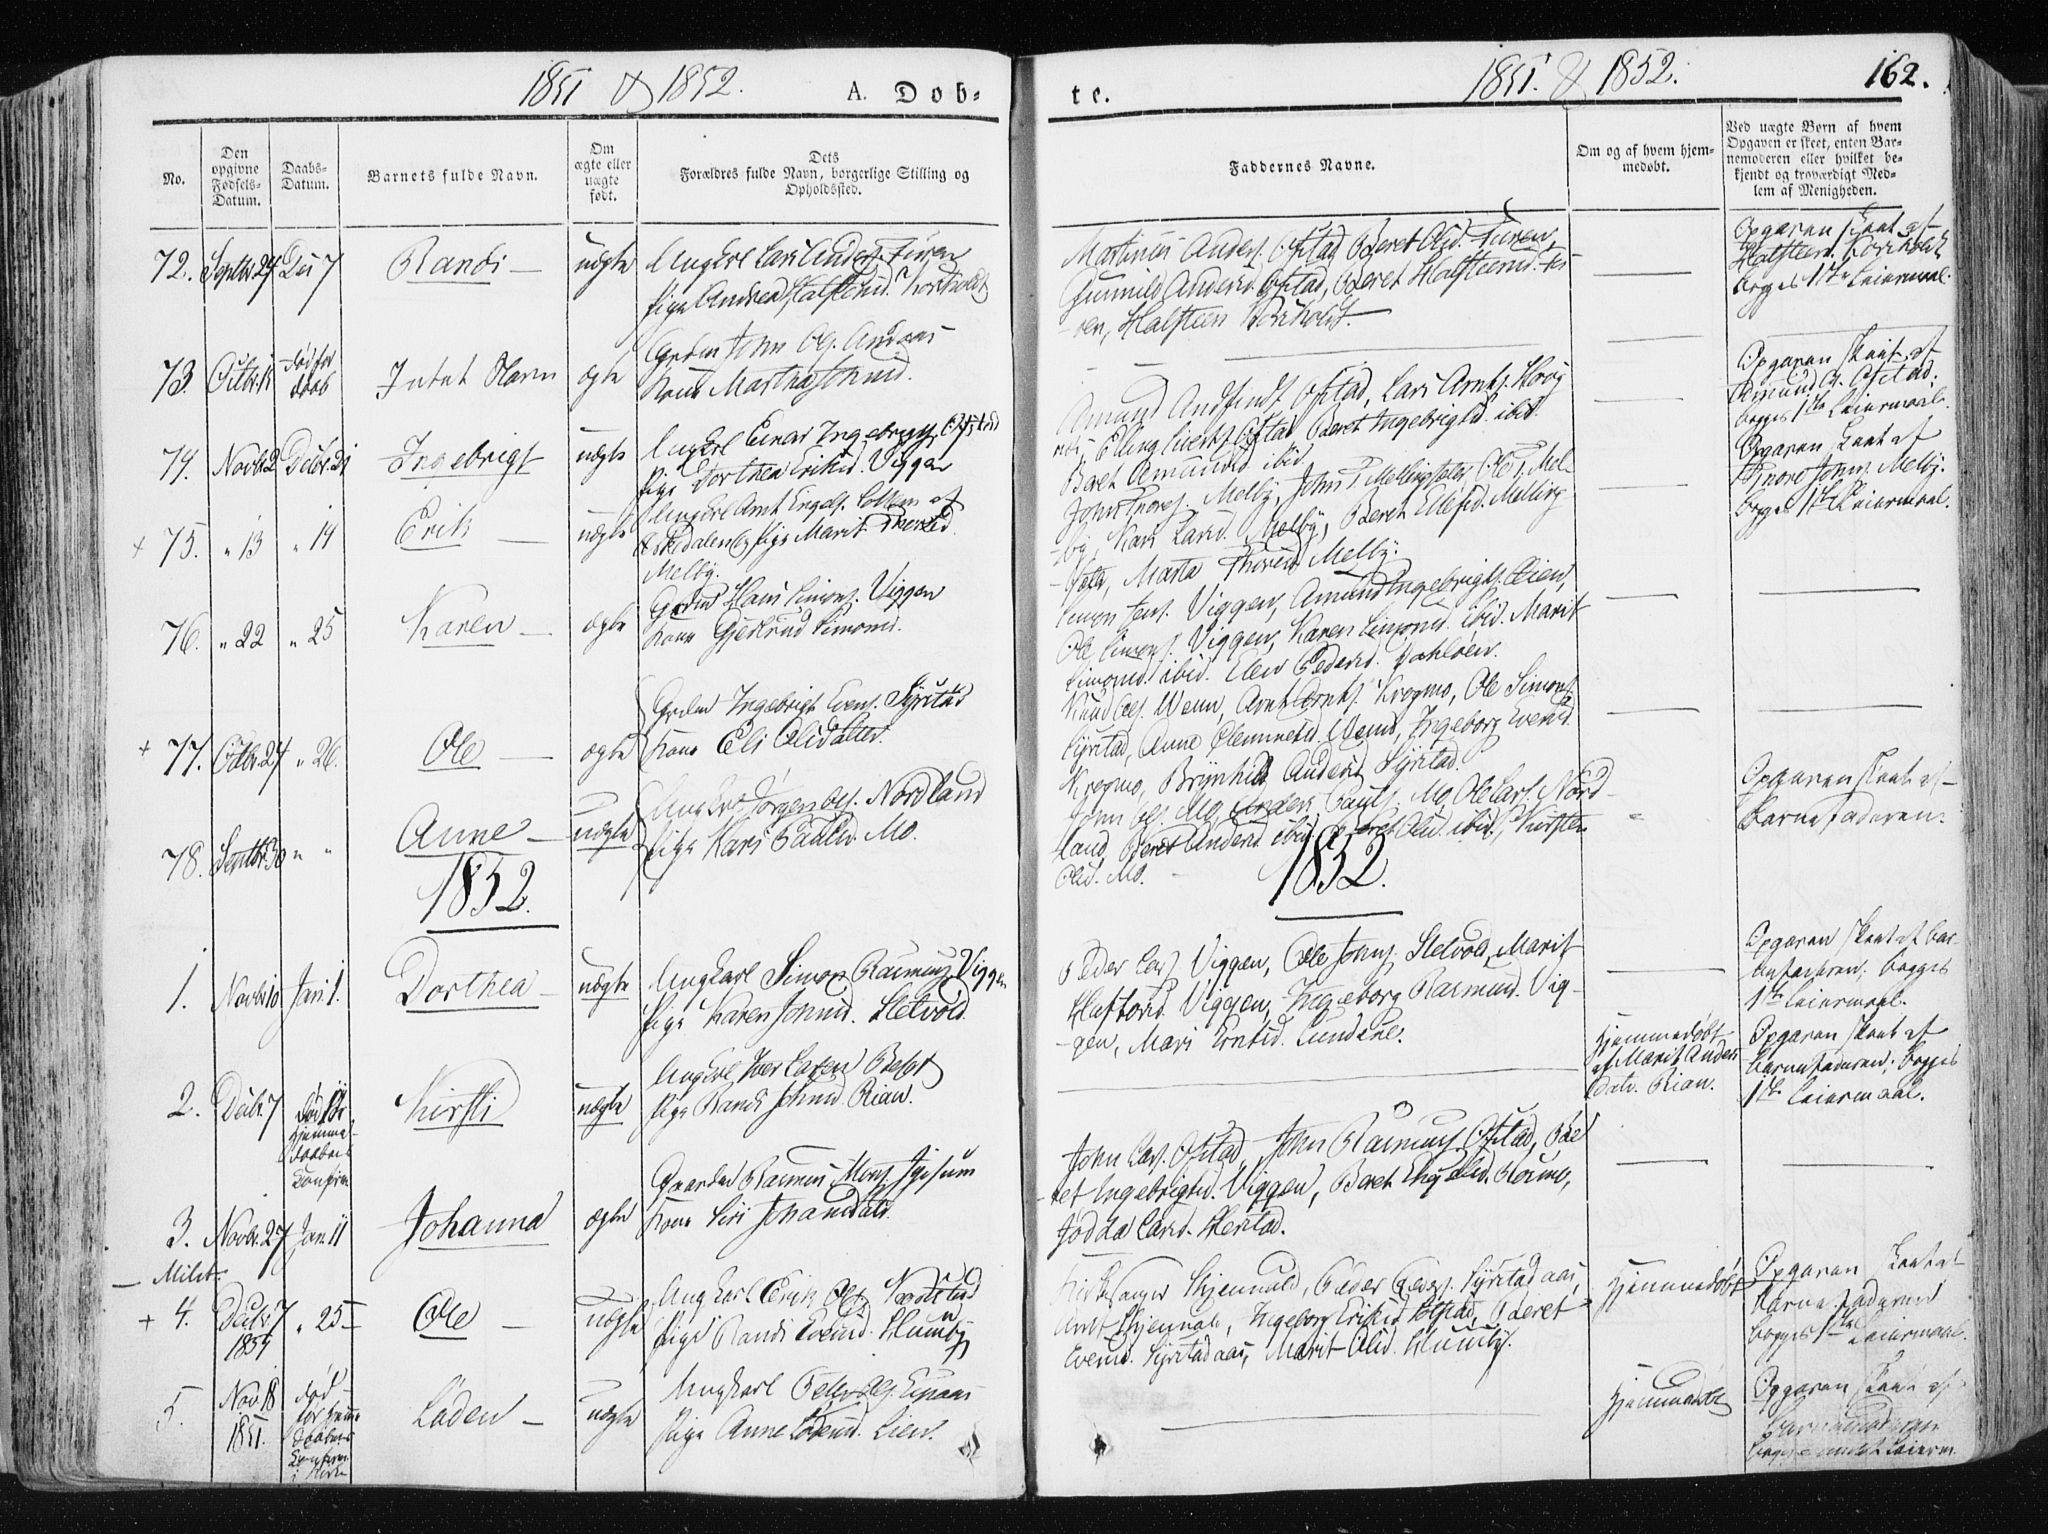 SAT, Ministerialprotokoller, klokkerbøker og fødselsregistre - Sør-Trøndelag, 665/L0771: Ministerialbok nr. 665A06, 1830-1856, s. 162